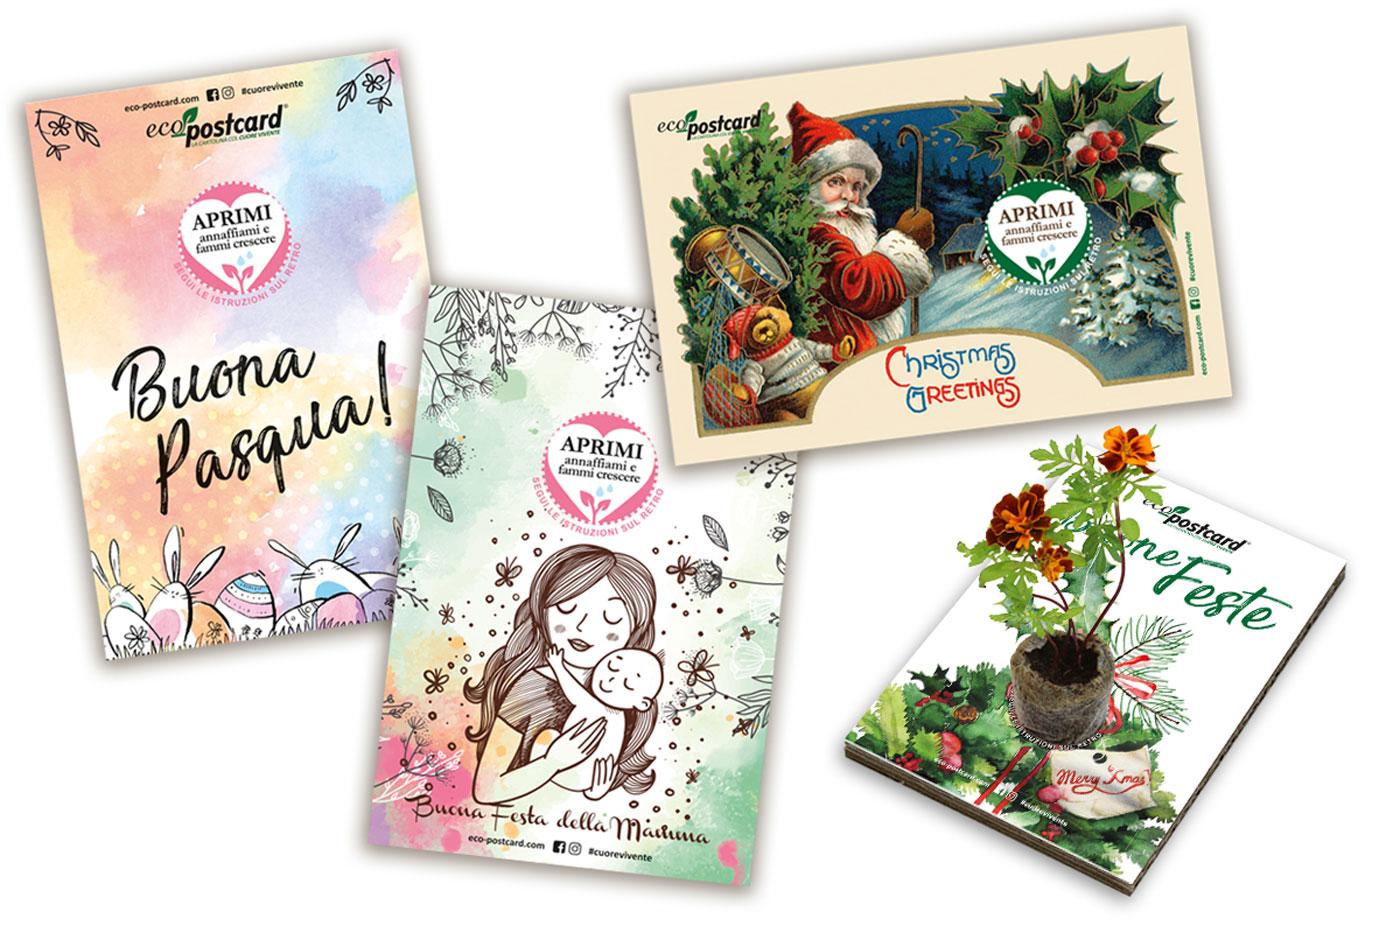 کارت پستال ها را بیشتر بشناسید